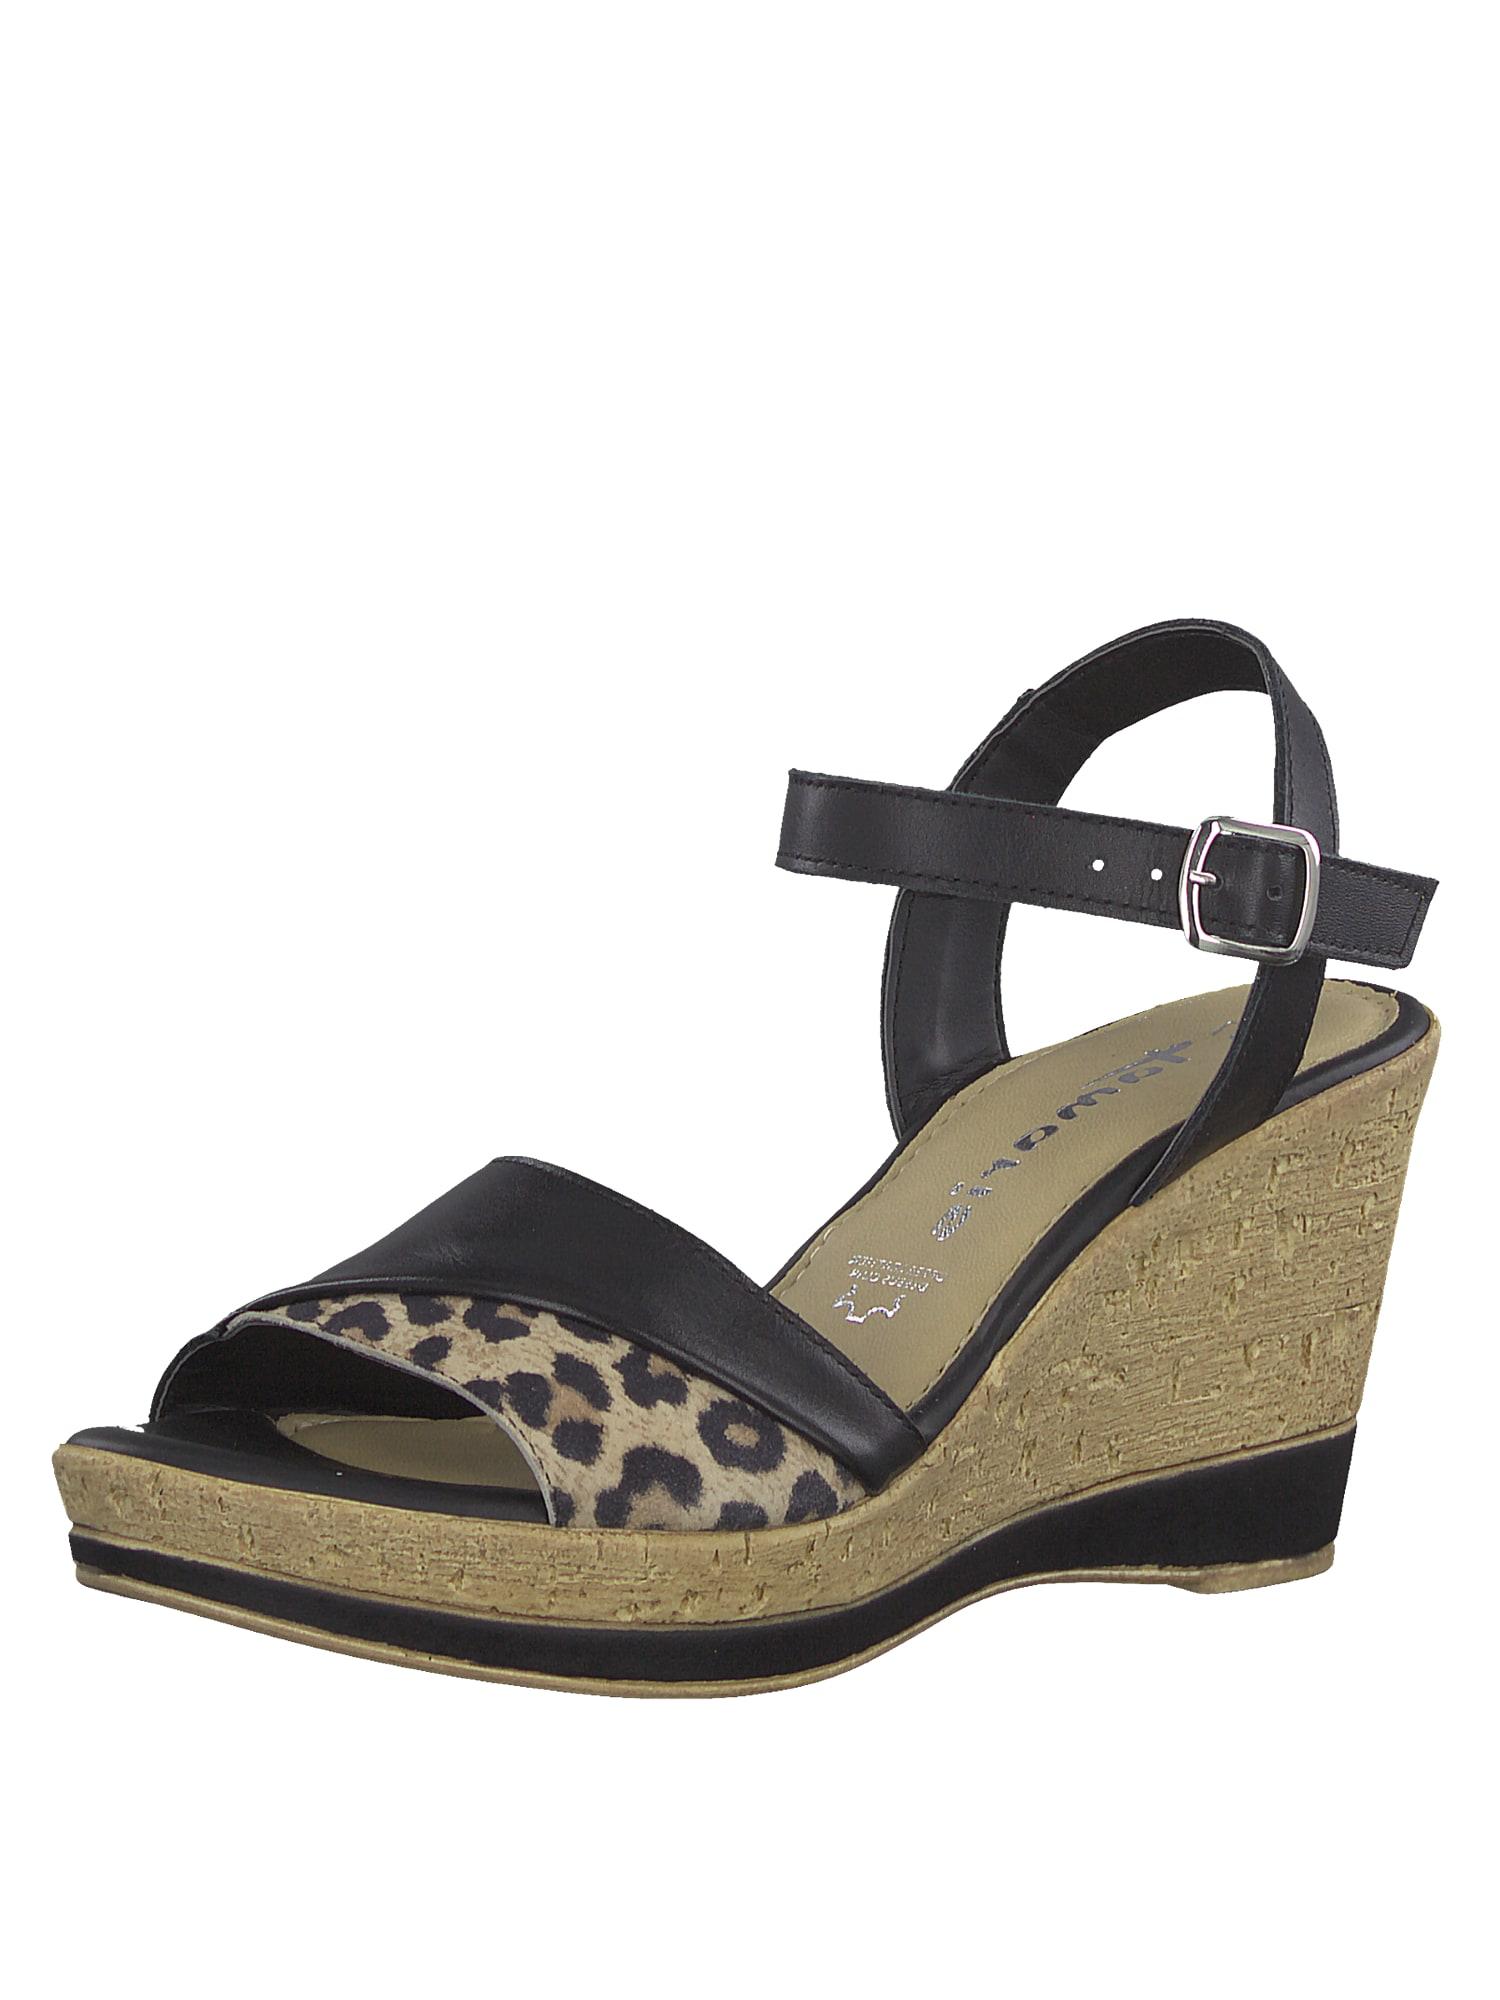 Sandály Wedge Sandle černá TAMARIS